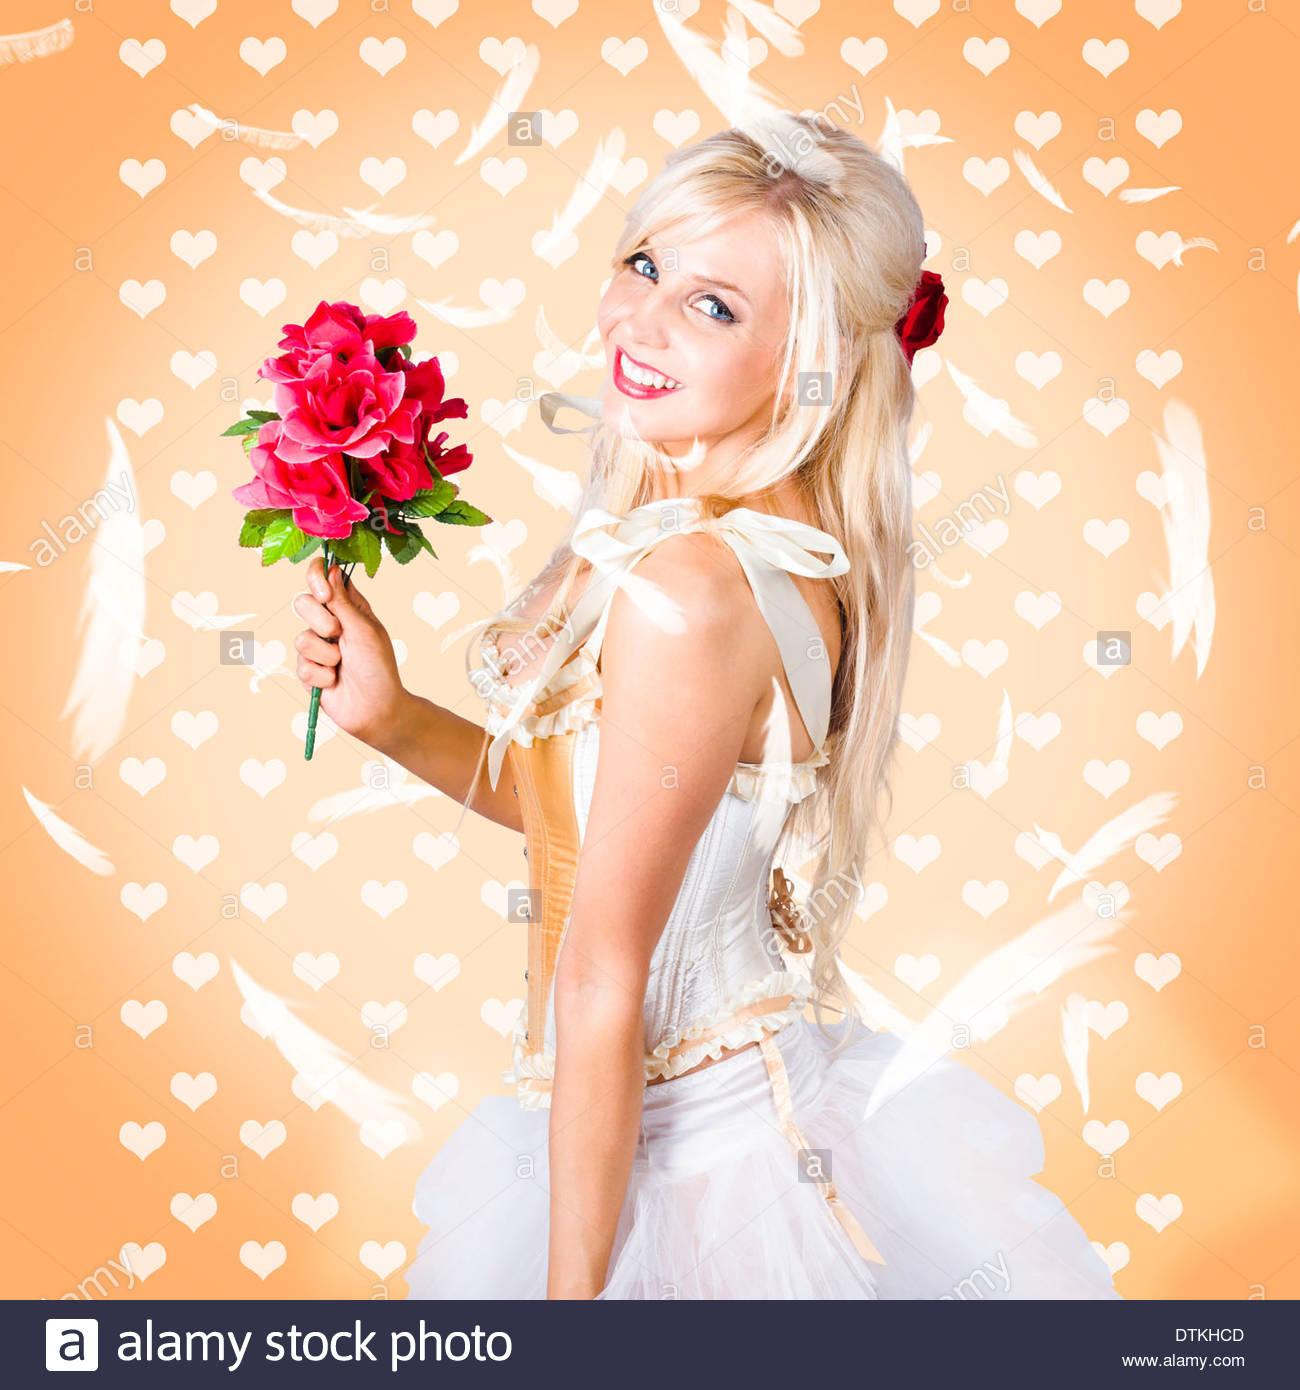 Zarte junge Frau Blumenstrauß beim feiern Valentinstag mit fallenden Federn halten Stockbild